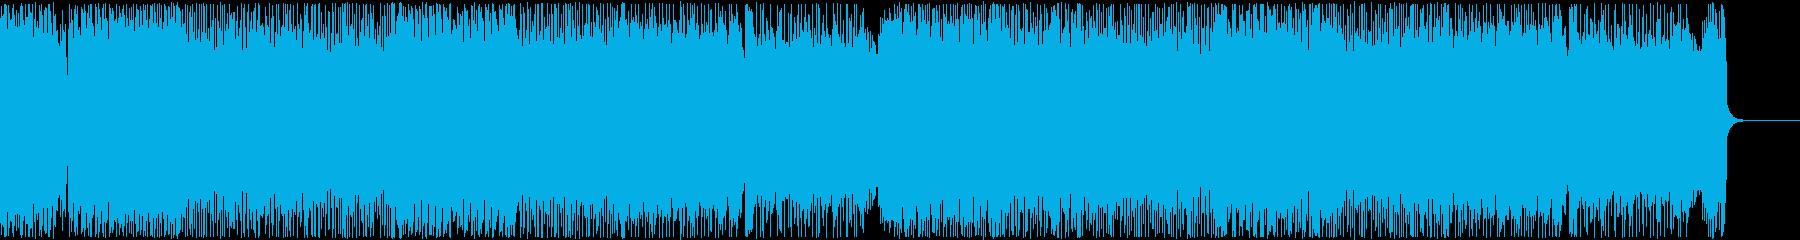 爆走ロック・メタル系BGM No.3の再生済みの波形